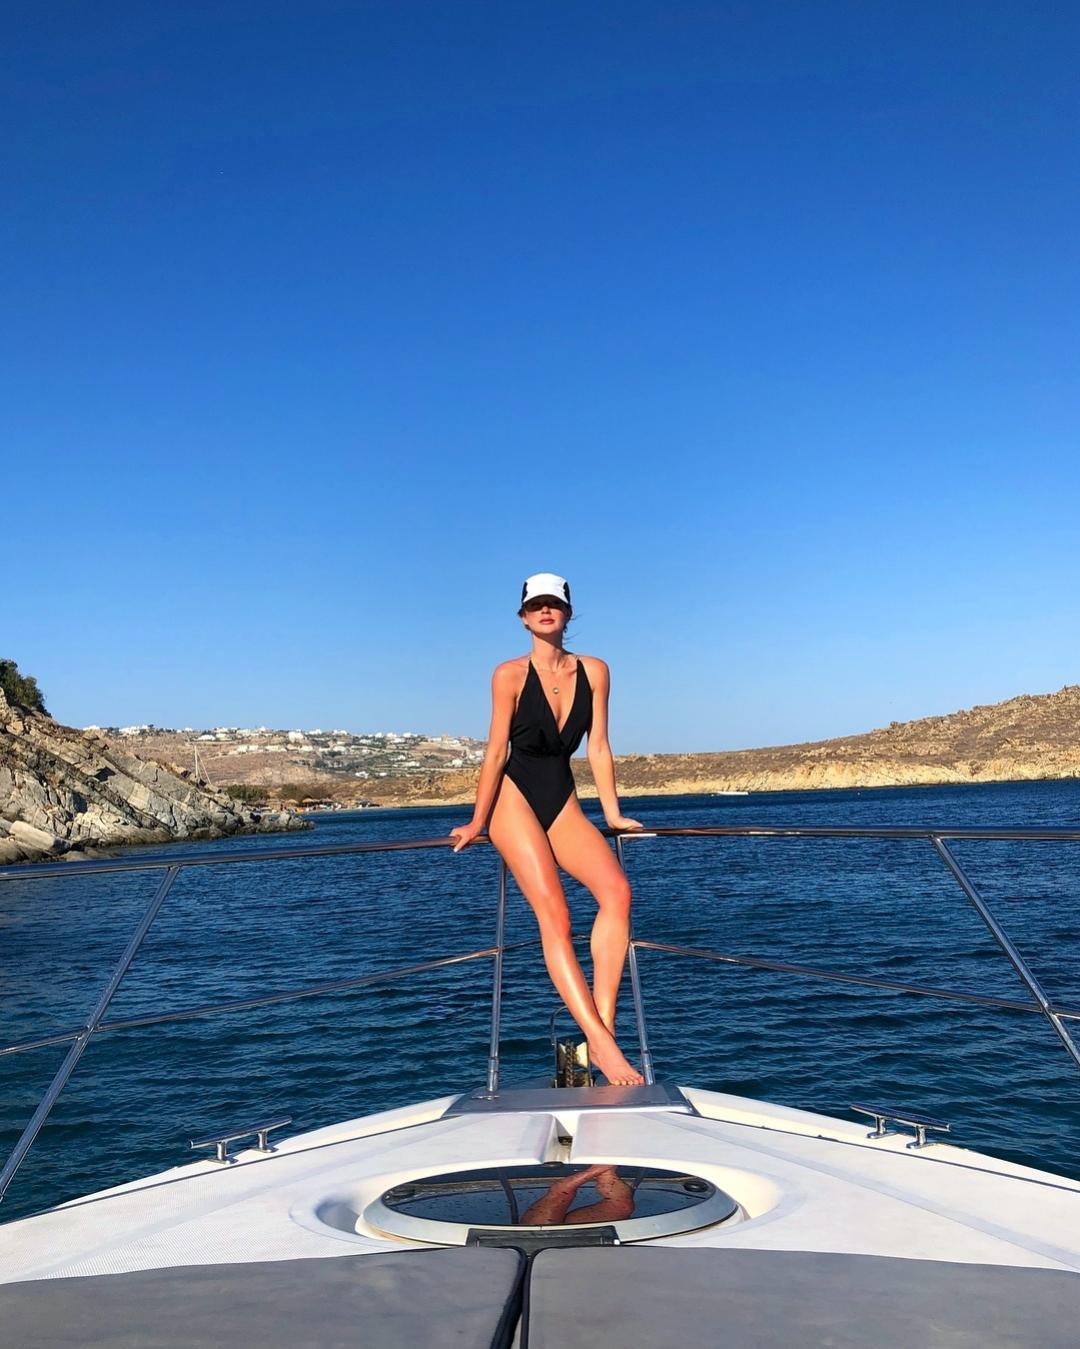 244708bec960 Biquínis do verão 2019: famosas mostram o que é tendência em moda praia -  20/11/2018 - UOL Universa